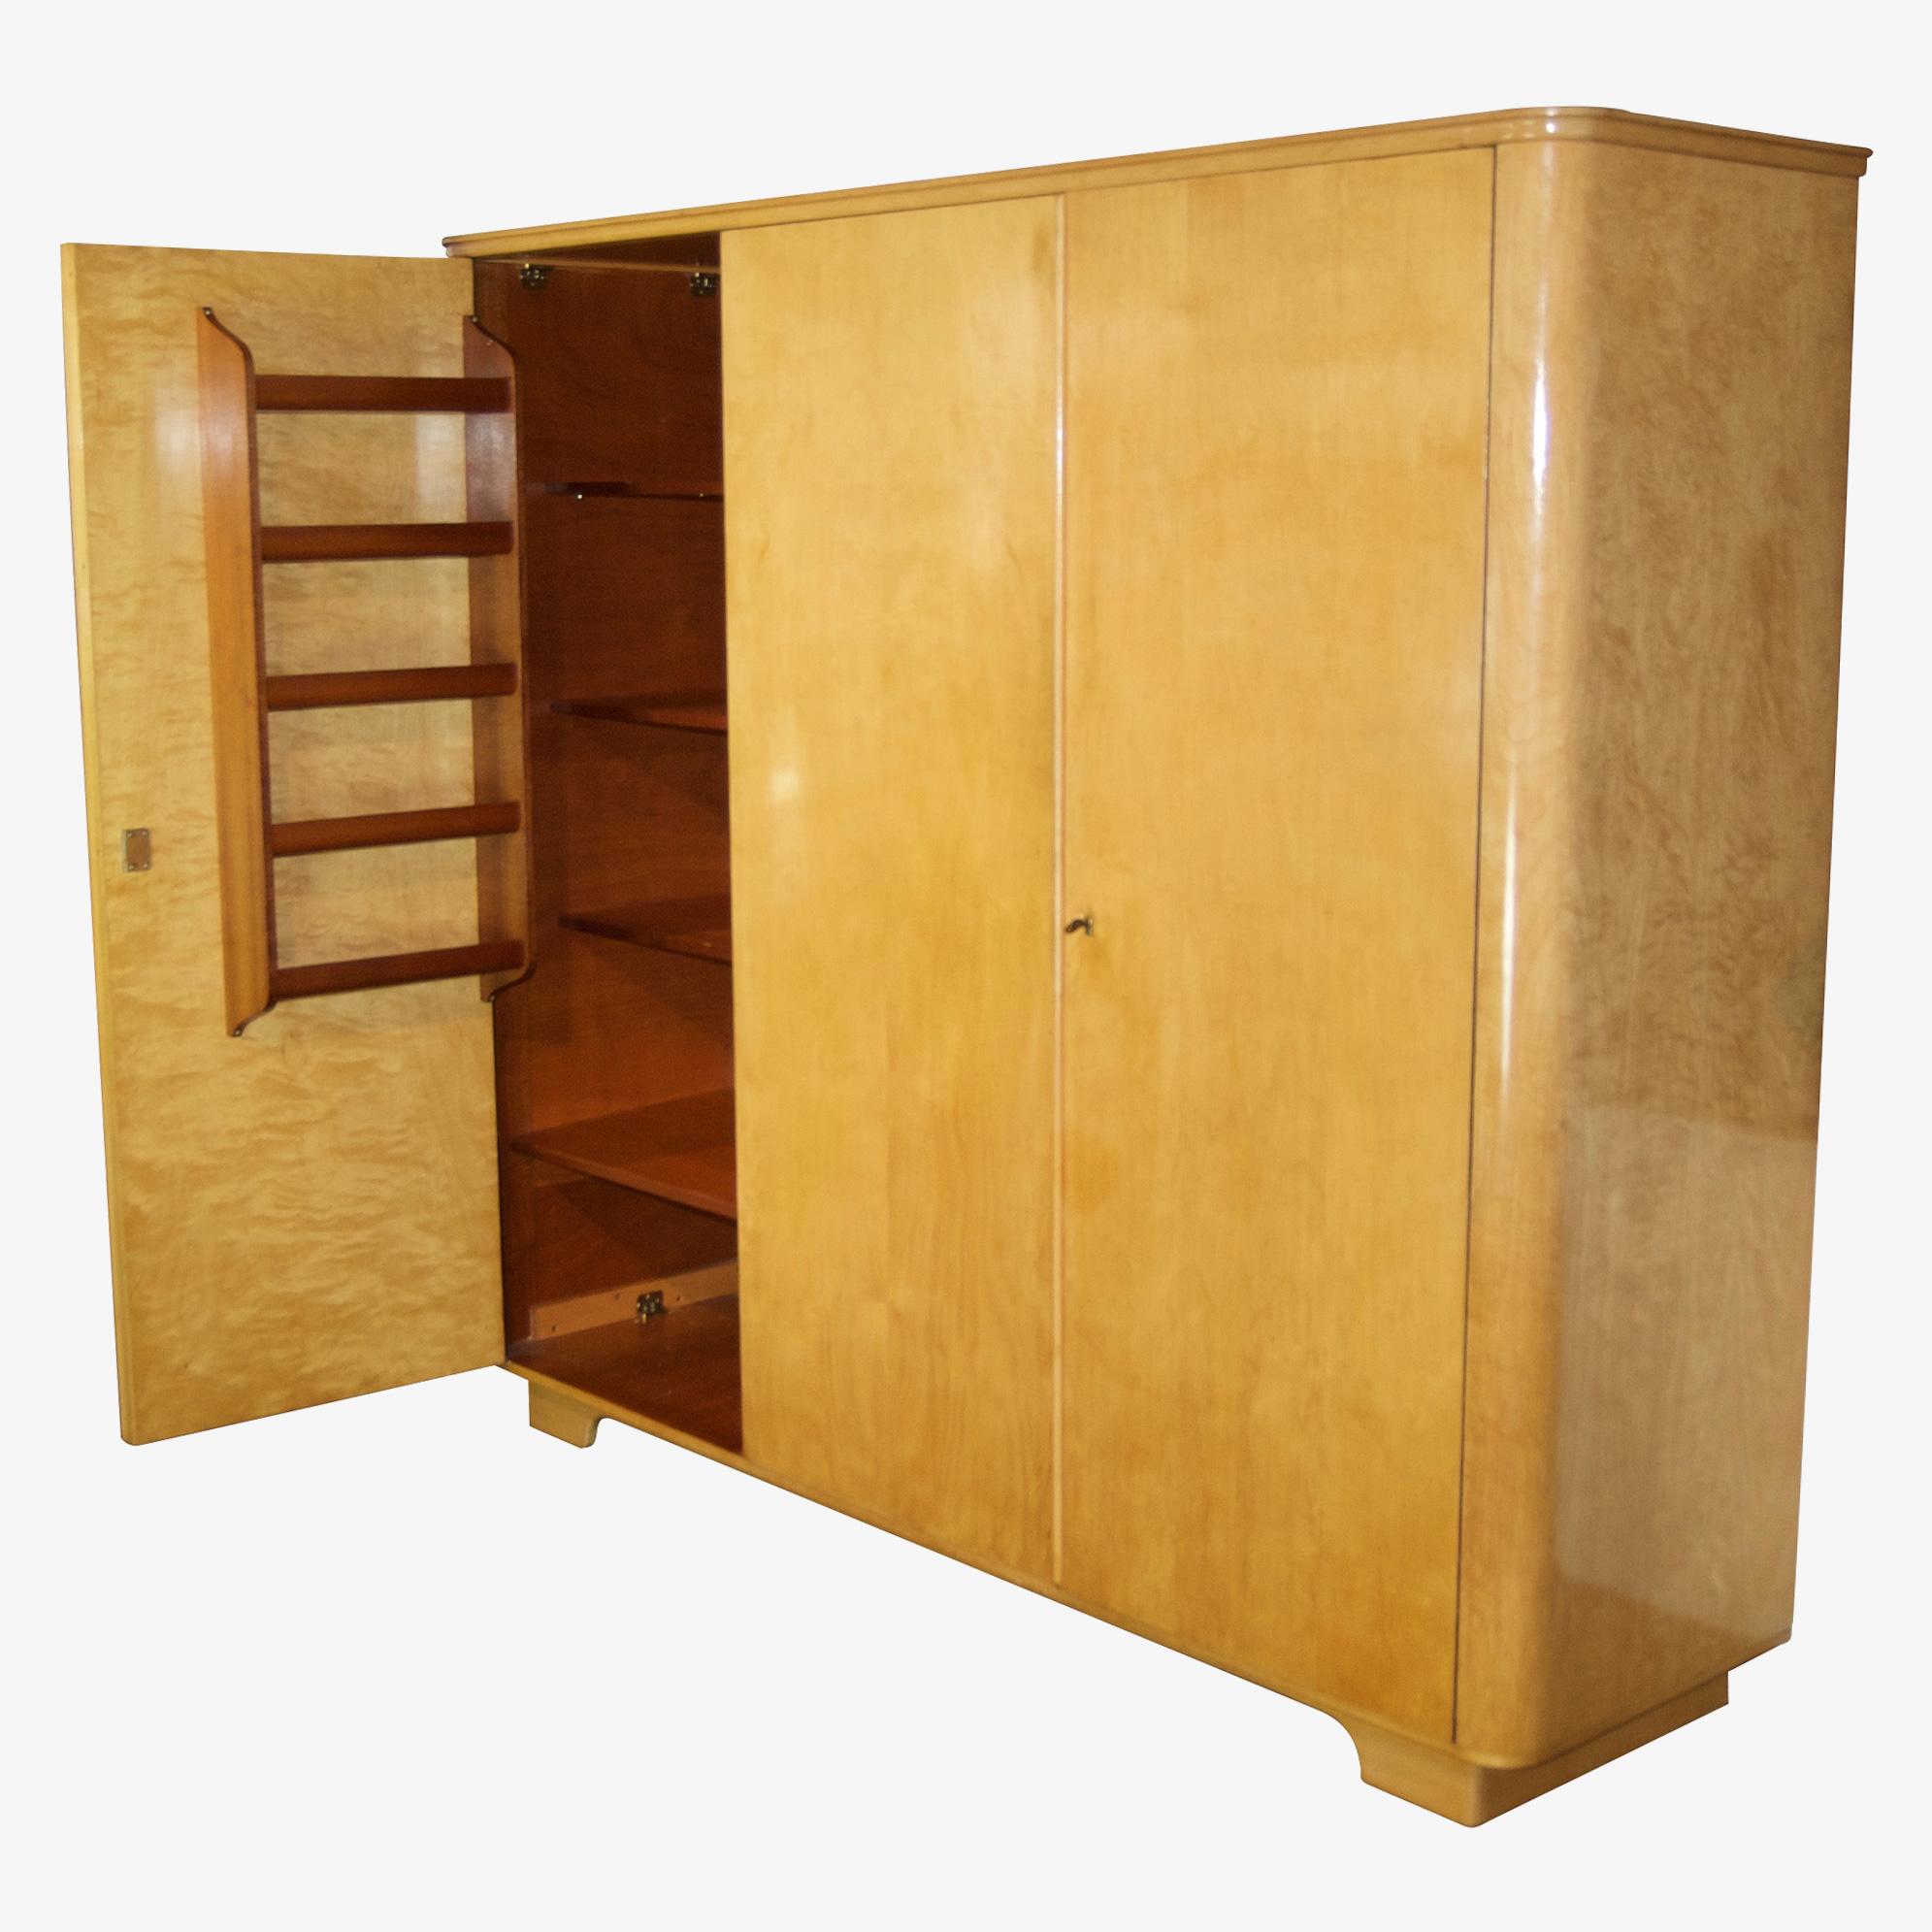 Gebroeders van duijn vintage meubels on pinterest for Danish design meubels